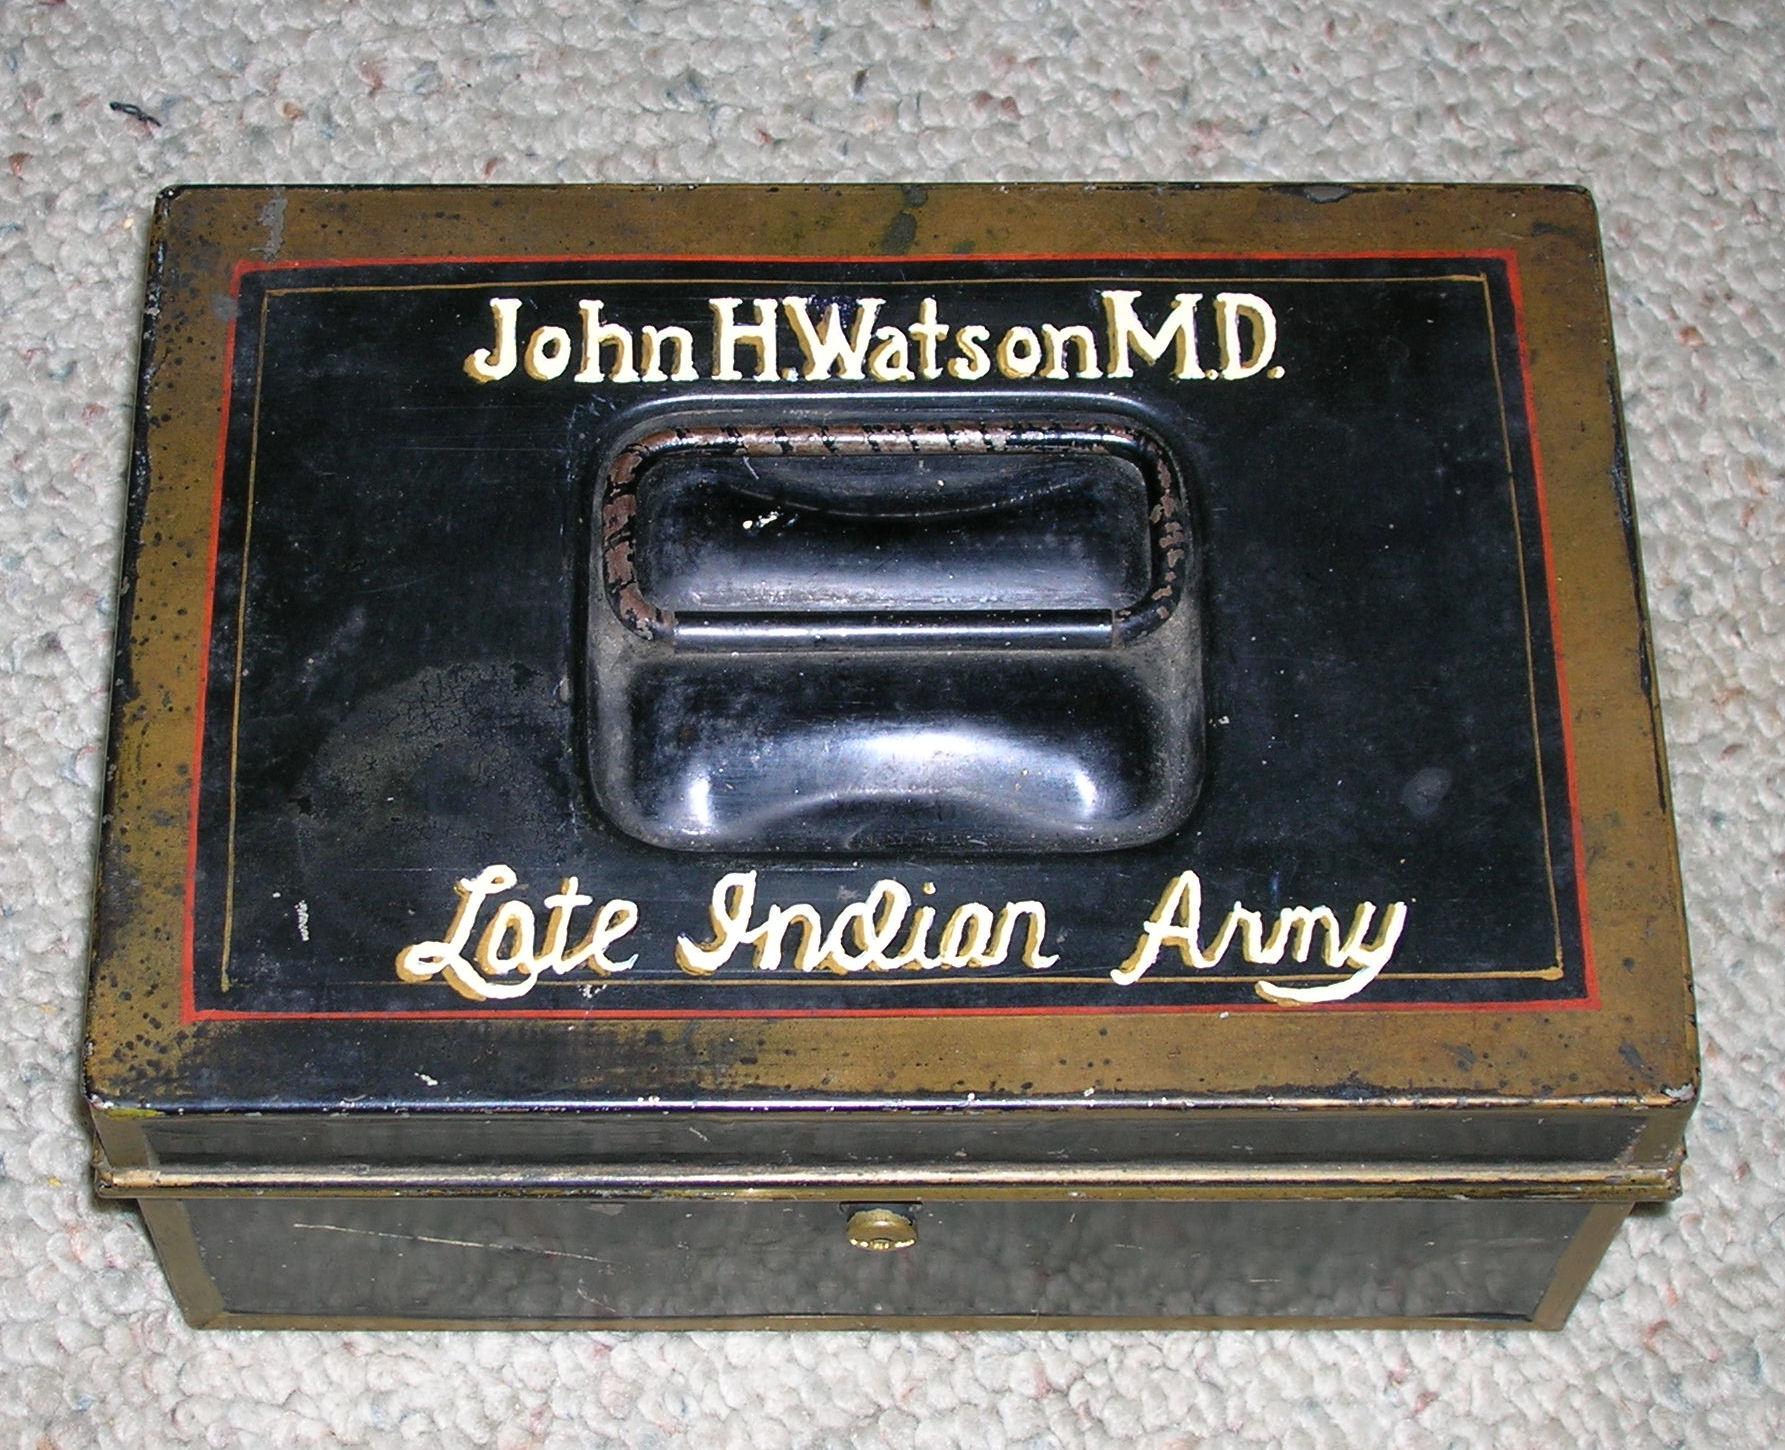 From Watson's Tin Box – The Mazarin Stone